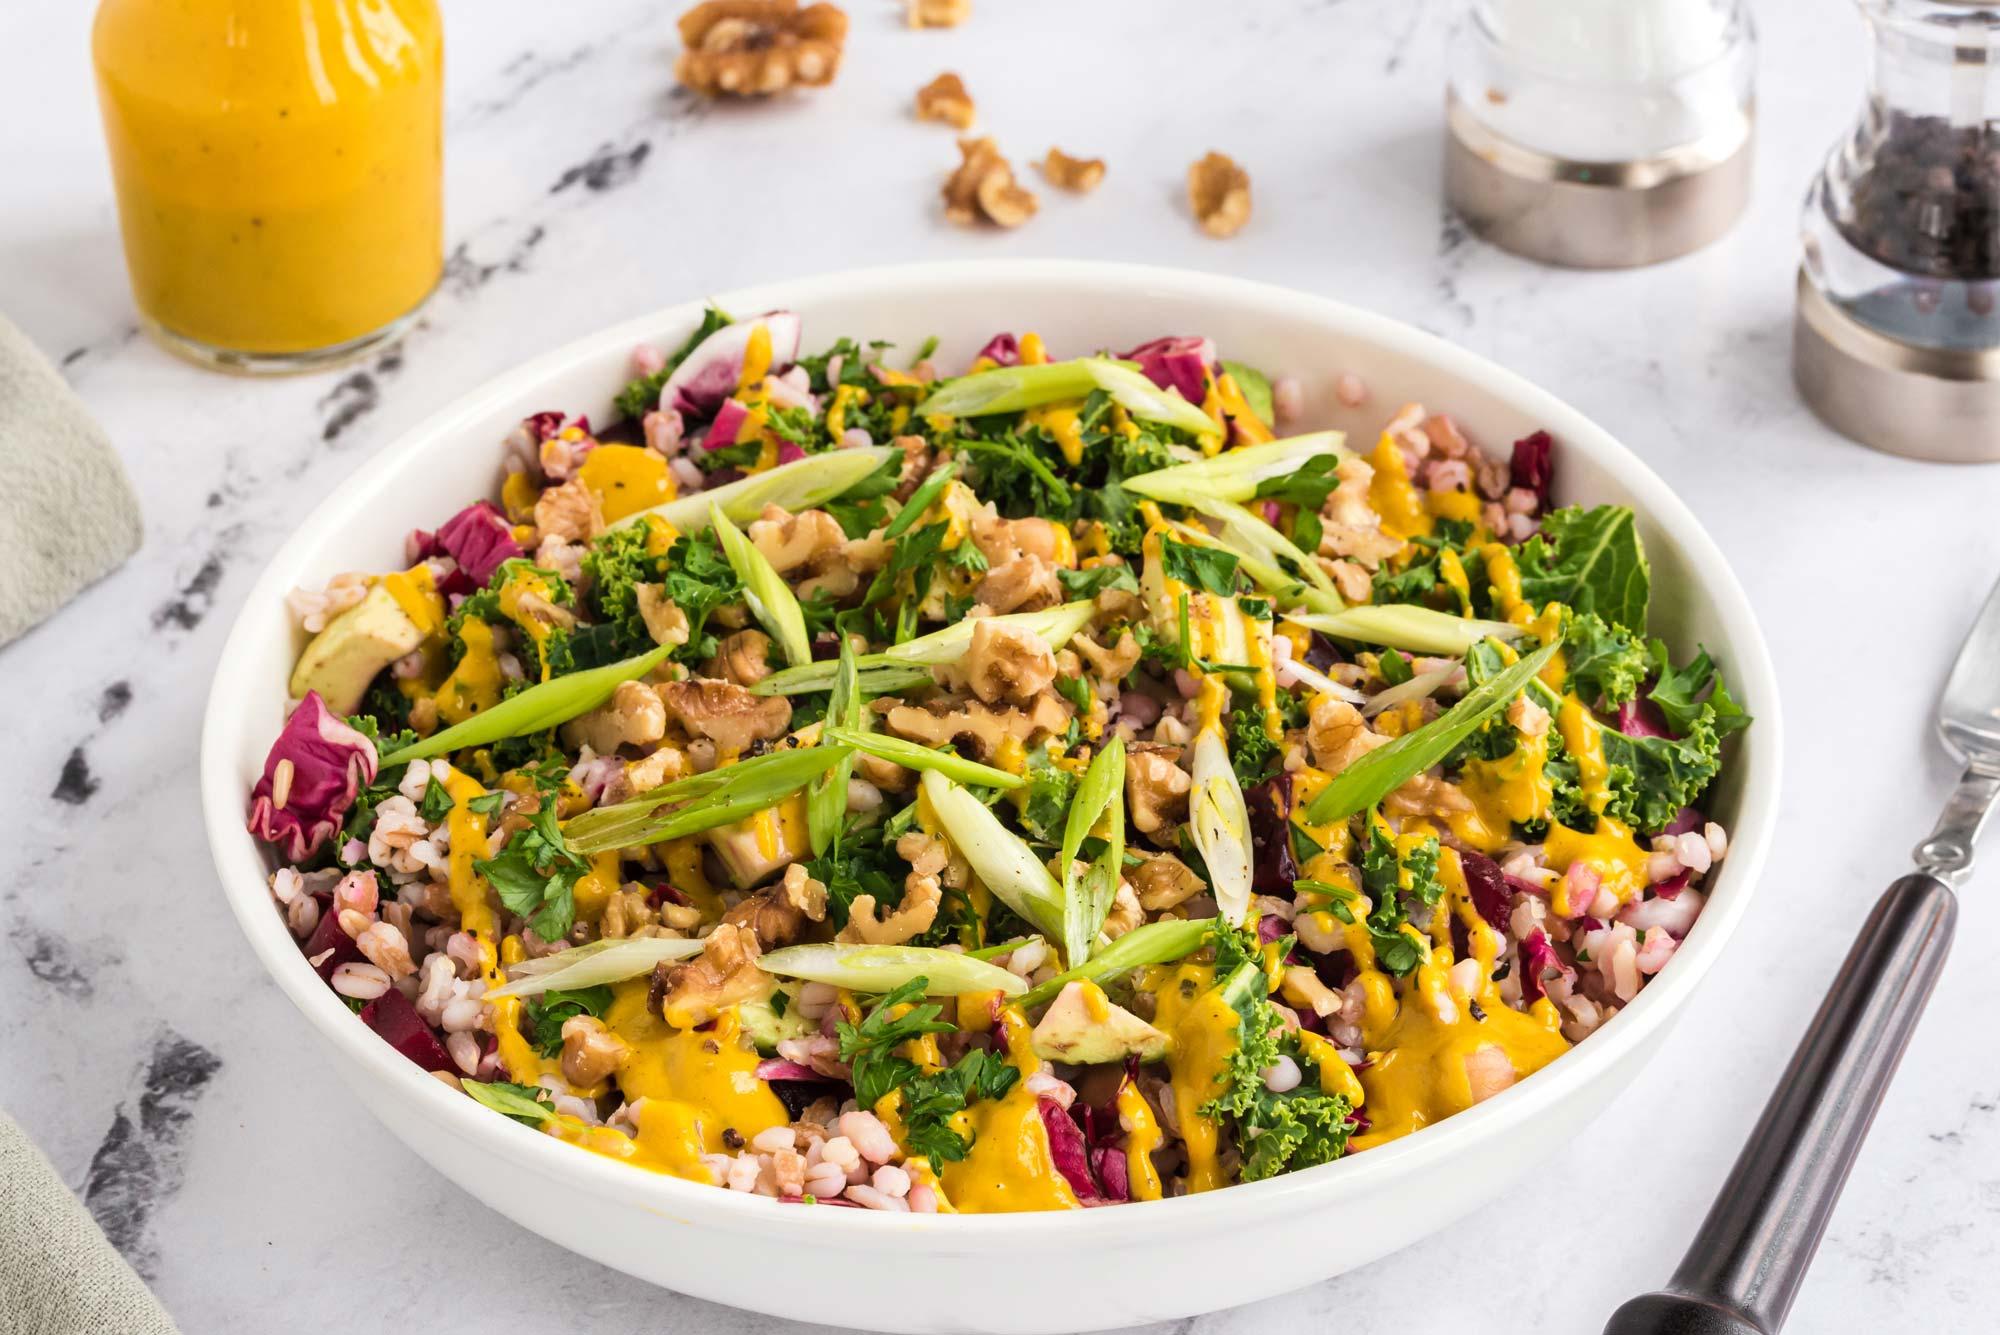 warm einkorn salad with winter vegetables